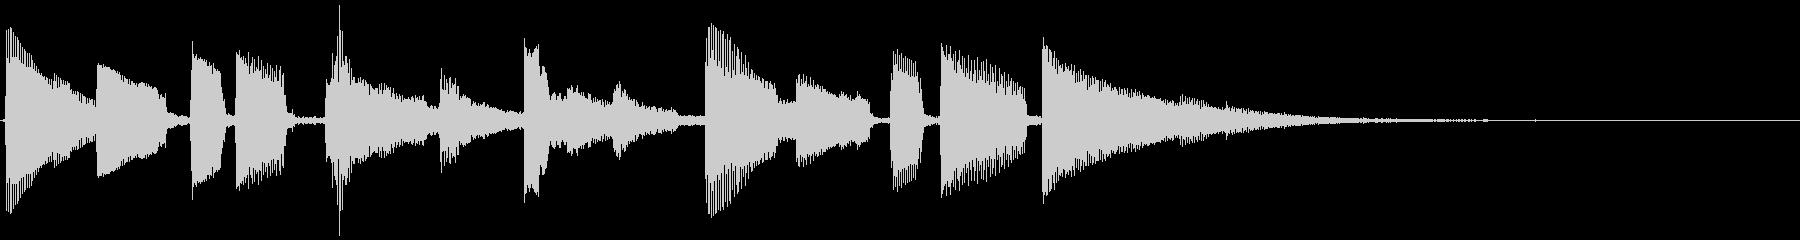 映写機のまわす音とアコギのアルペジオの未再生の波形